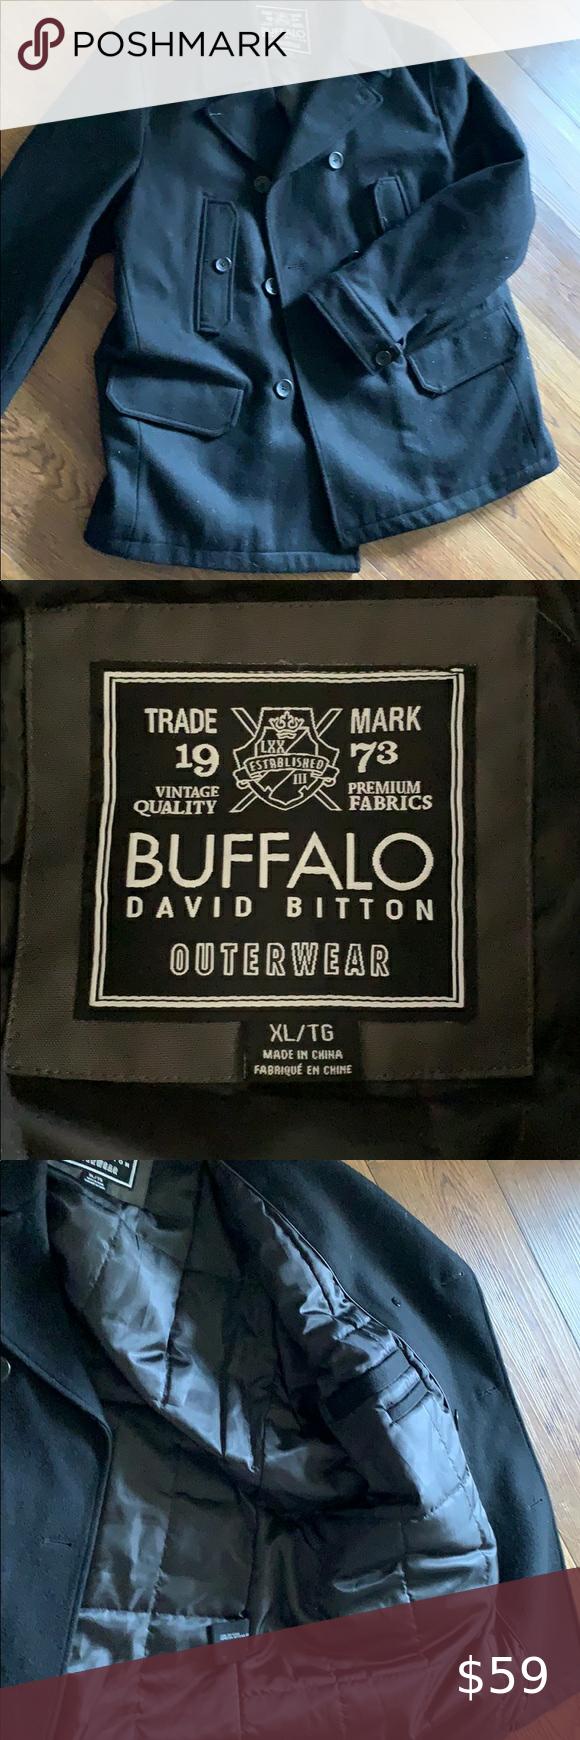 Men S Buffalo David Bitton Coat Buffalo David Bitton Coat Jackets Coats [ 1740 x 580 Pixel ]